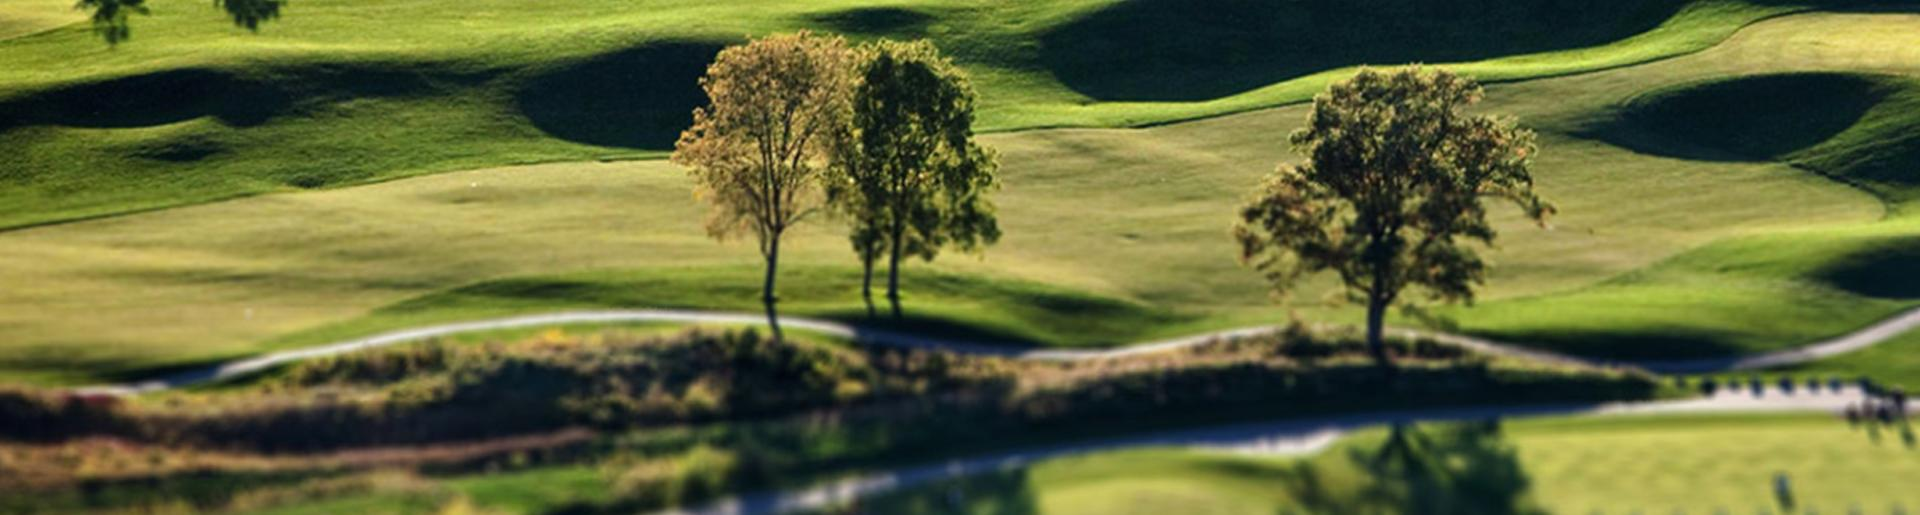 PGA Tour 2016 Golf Course